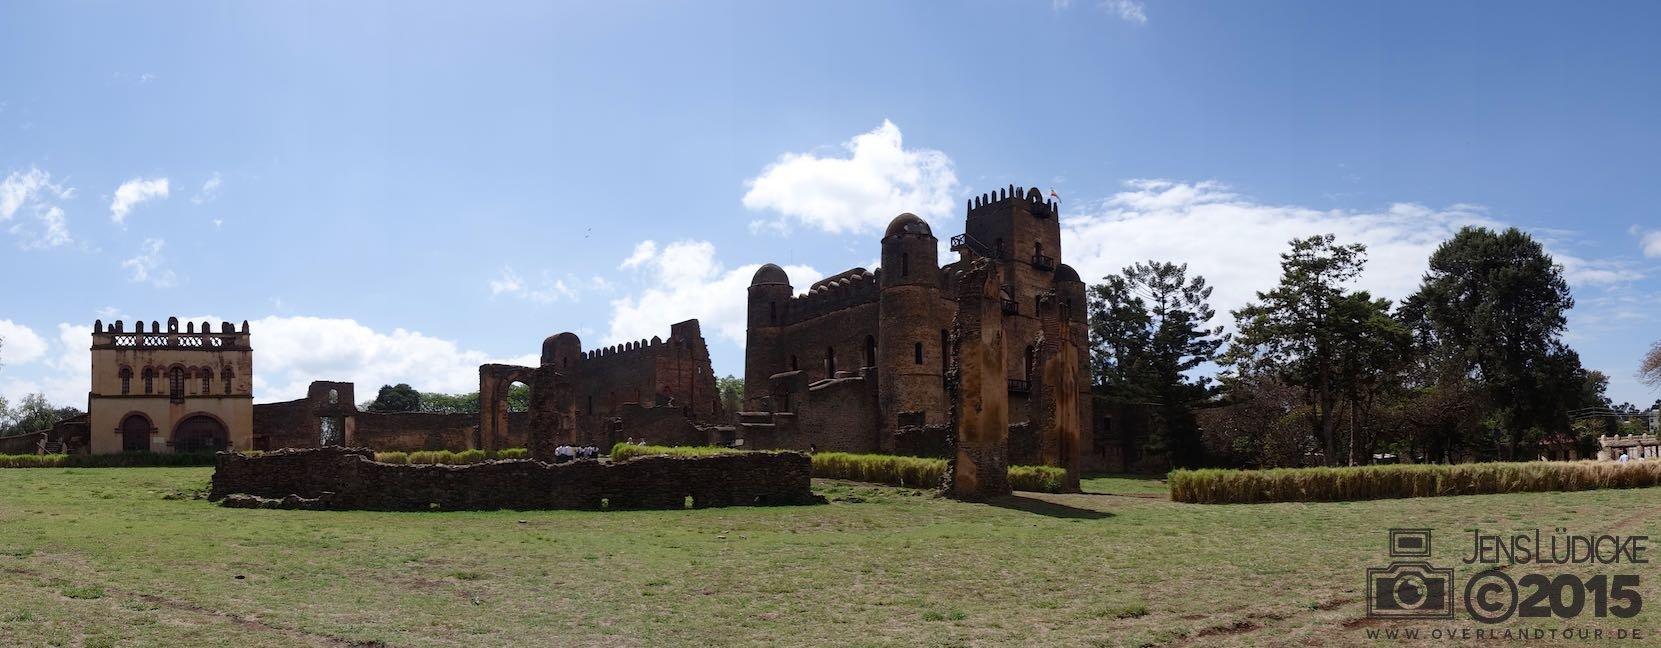 The royal castel of Gonder